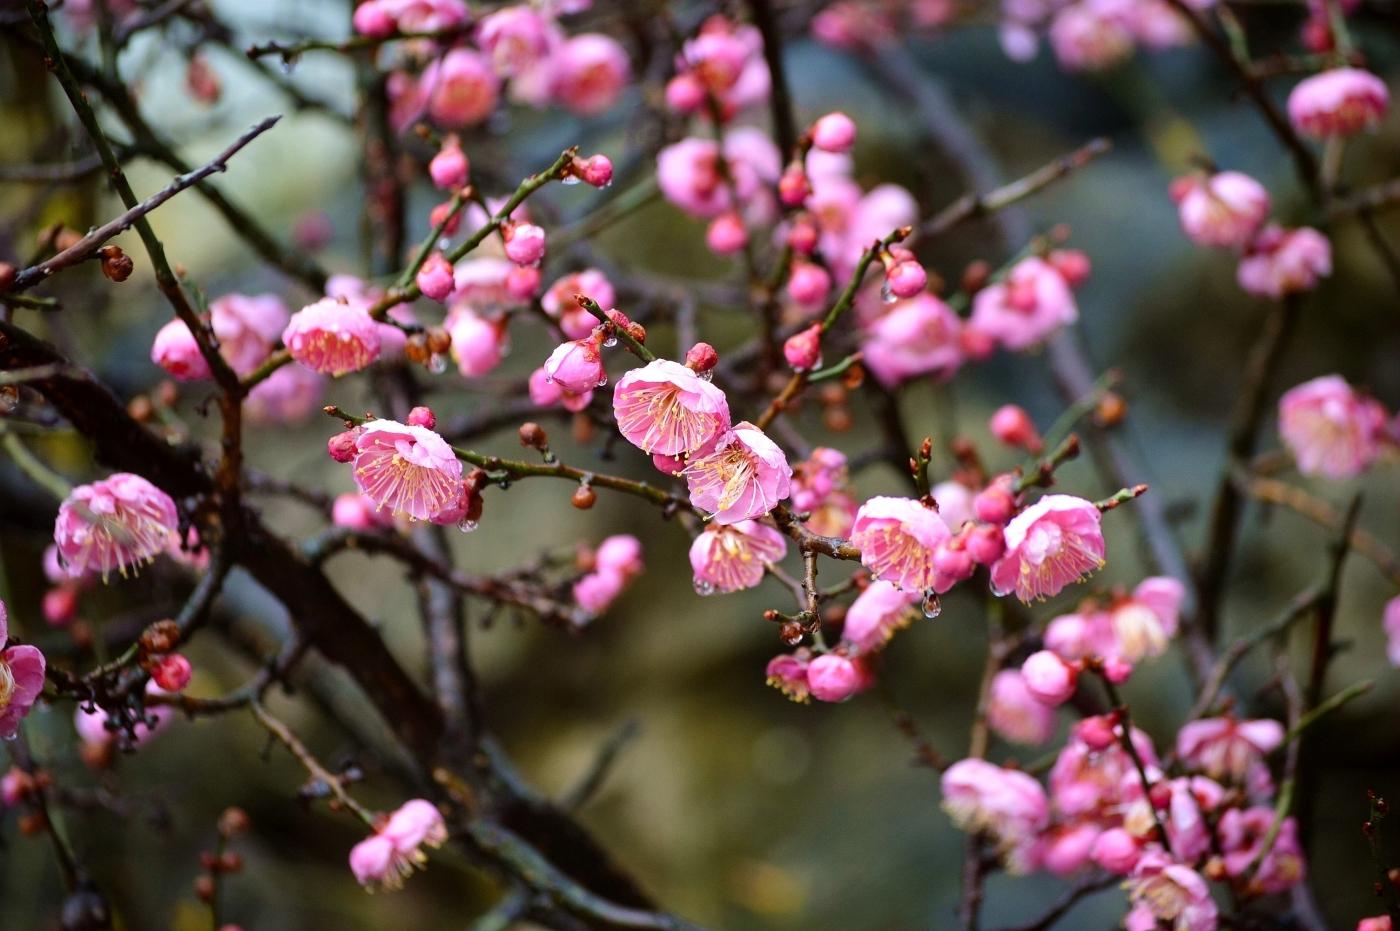 【原创新稿】雨中赏梅(春天的神话组诗之十一) - 畅之 - 智凯书屋